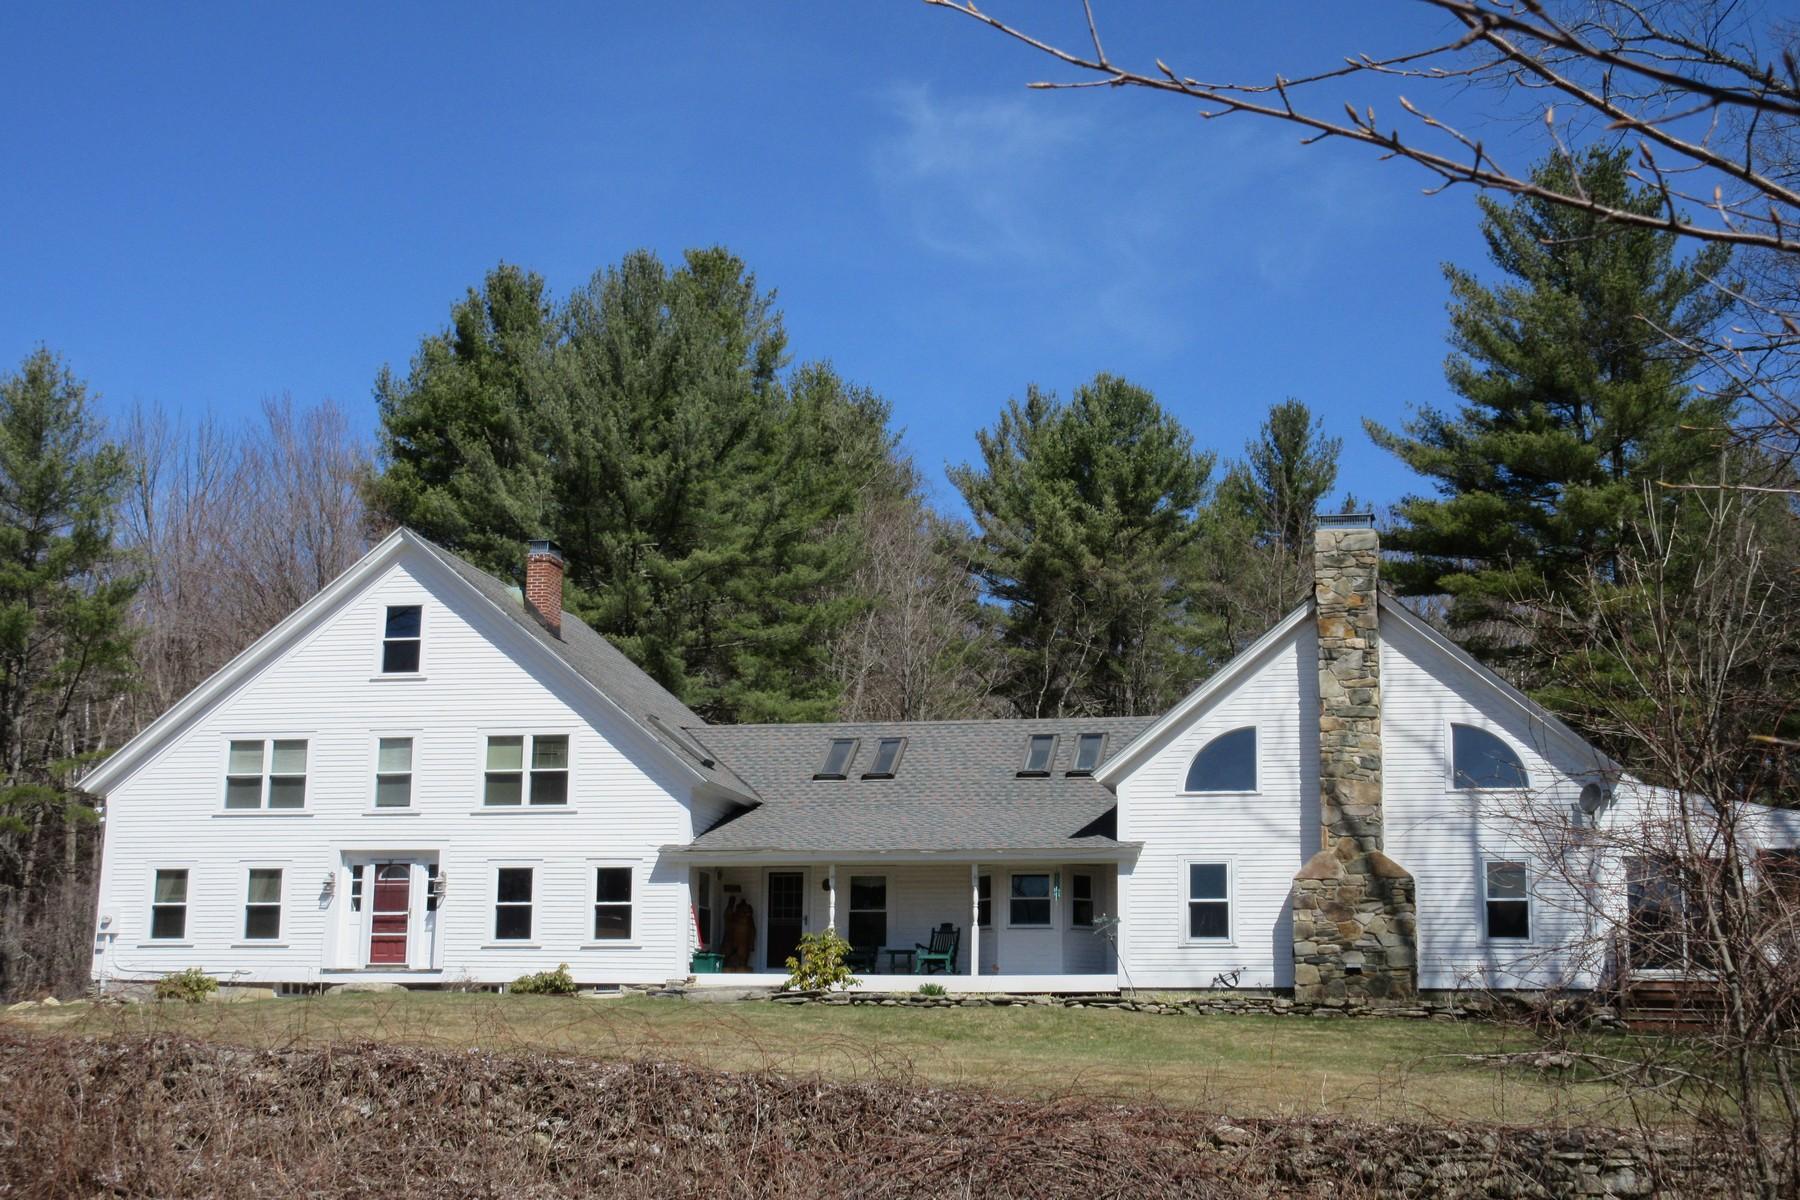 Maison unifamiliale pour l Vente à Forest, Farmhouse, Pastures and Pond 389 Cobble Hill Rd Londonderry, Vermont, 05148 États-Unis